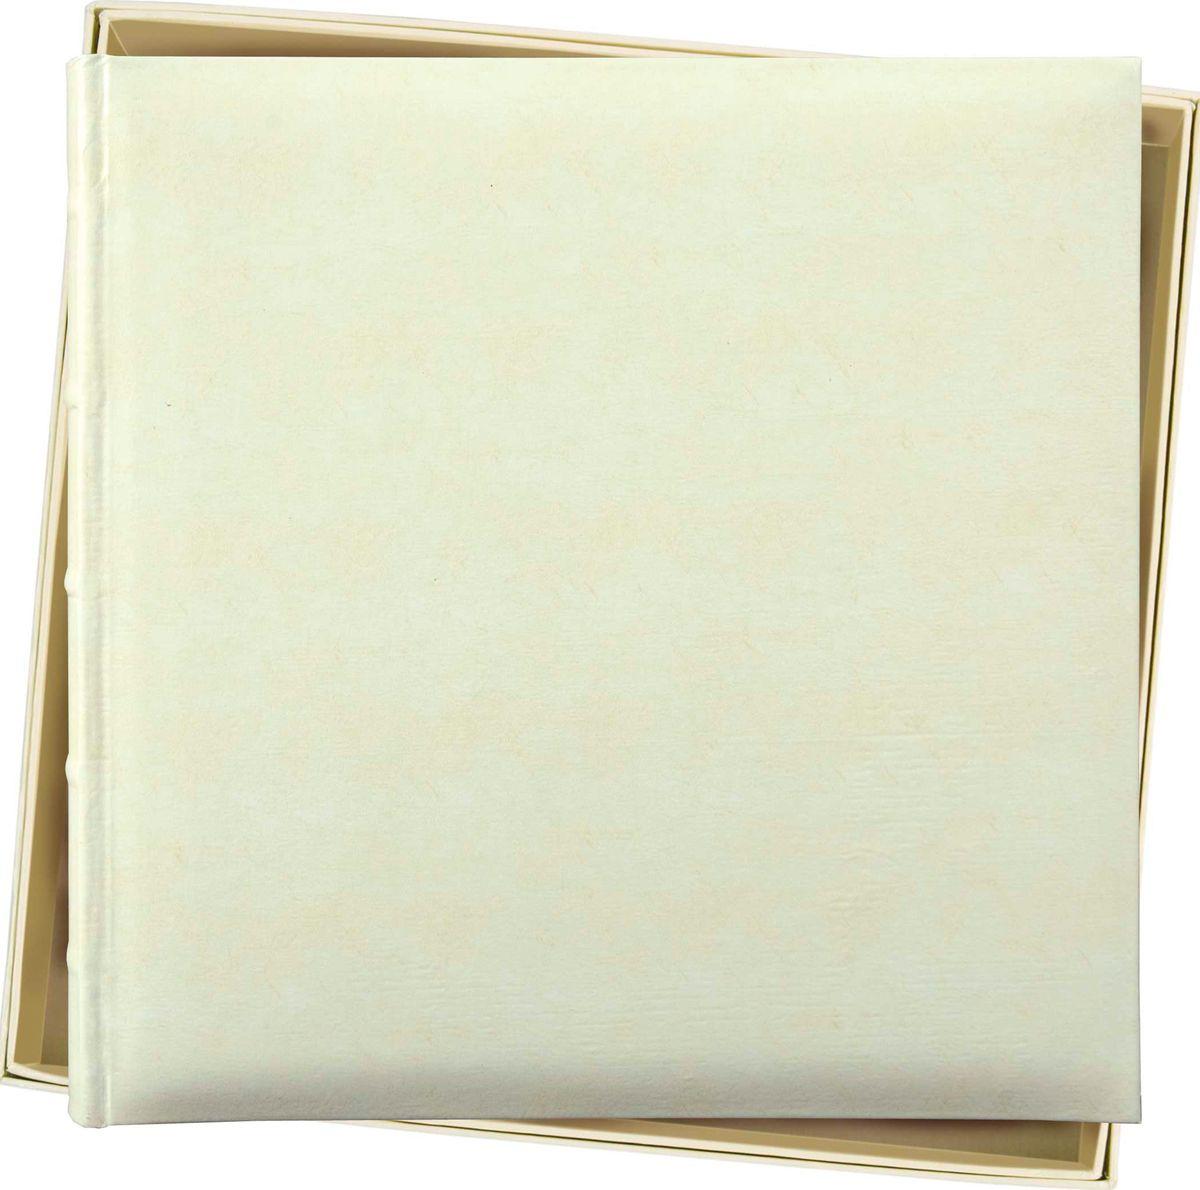 Фотоальбом Innova Bonded Leather, под уголки, 35 х 35 см. Q609936Q609936Фотоальбом Innova Bonded Leather имеет обложку из плотного картона и кожи. Альбом рассчитан на 60 страниц размером 36 х 36 см. Для фотографий предусмотрено поле для записей. Страницы изготовлены из плотной бумаги и скреплены книжным переплетом. Фотоальбом является универсальным подарком к любому празднику. Родным, близким и просто знакомым будет приятно помещать фотографии в этот альбом.Фотоальбом оформлен в красивую подарочную упаковку.